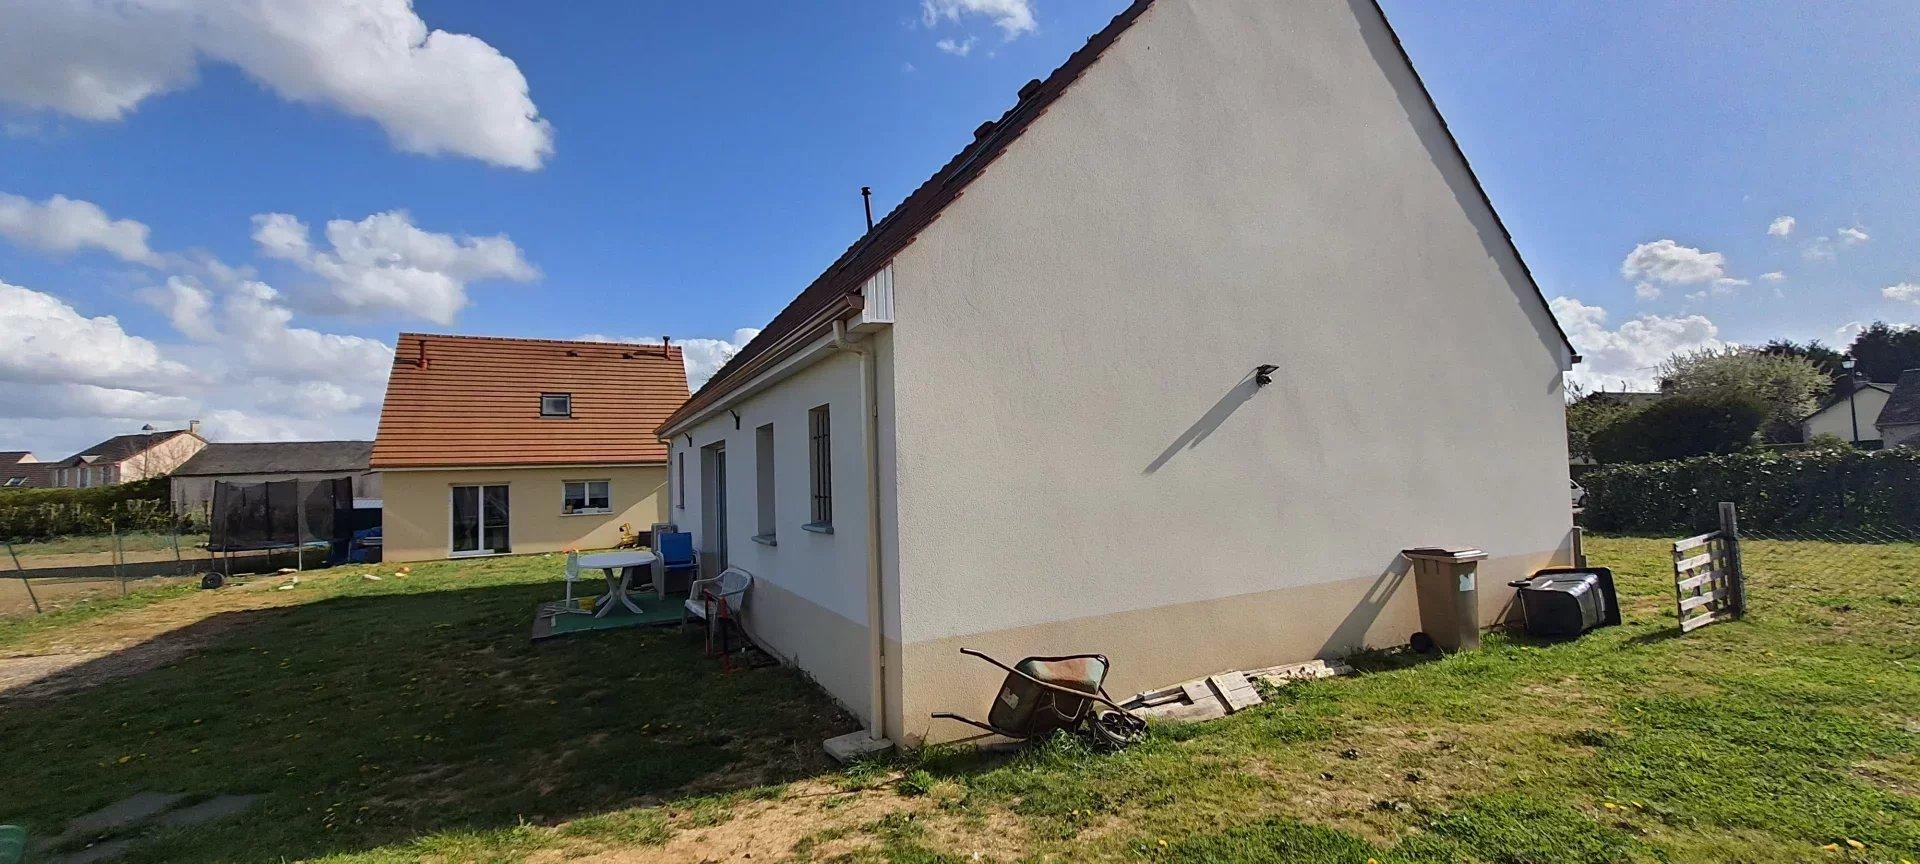 Maison dans la campagne du Vexin